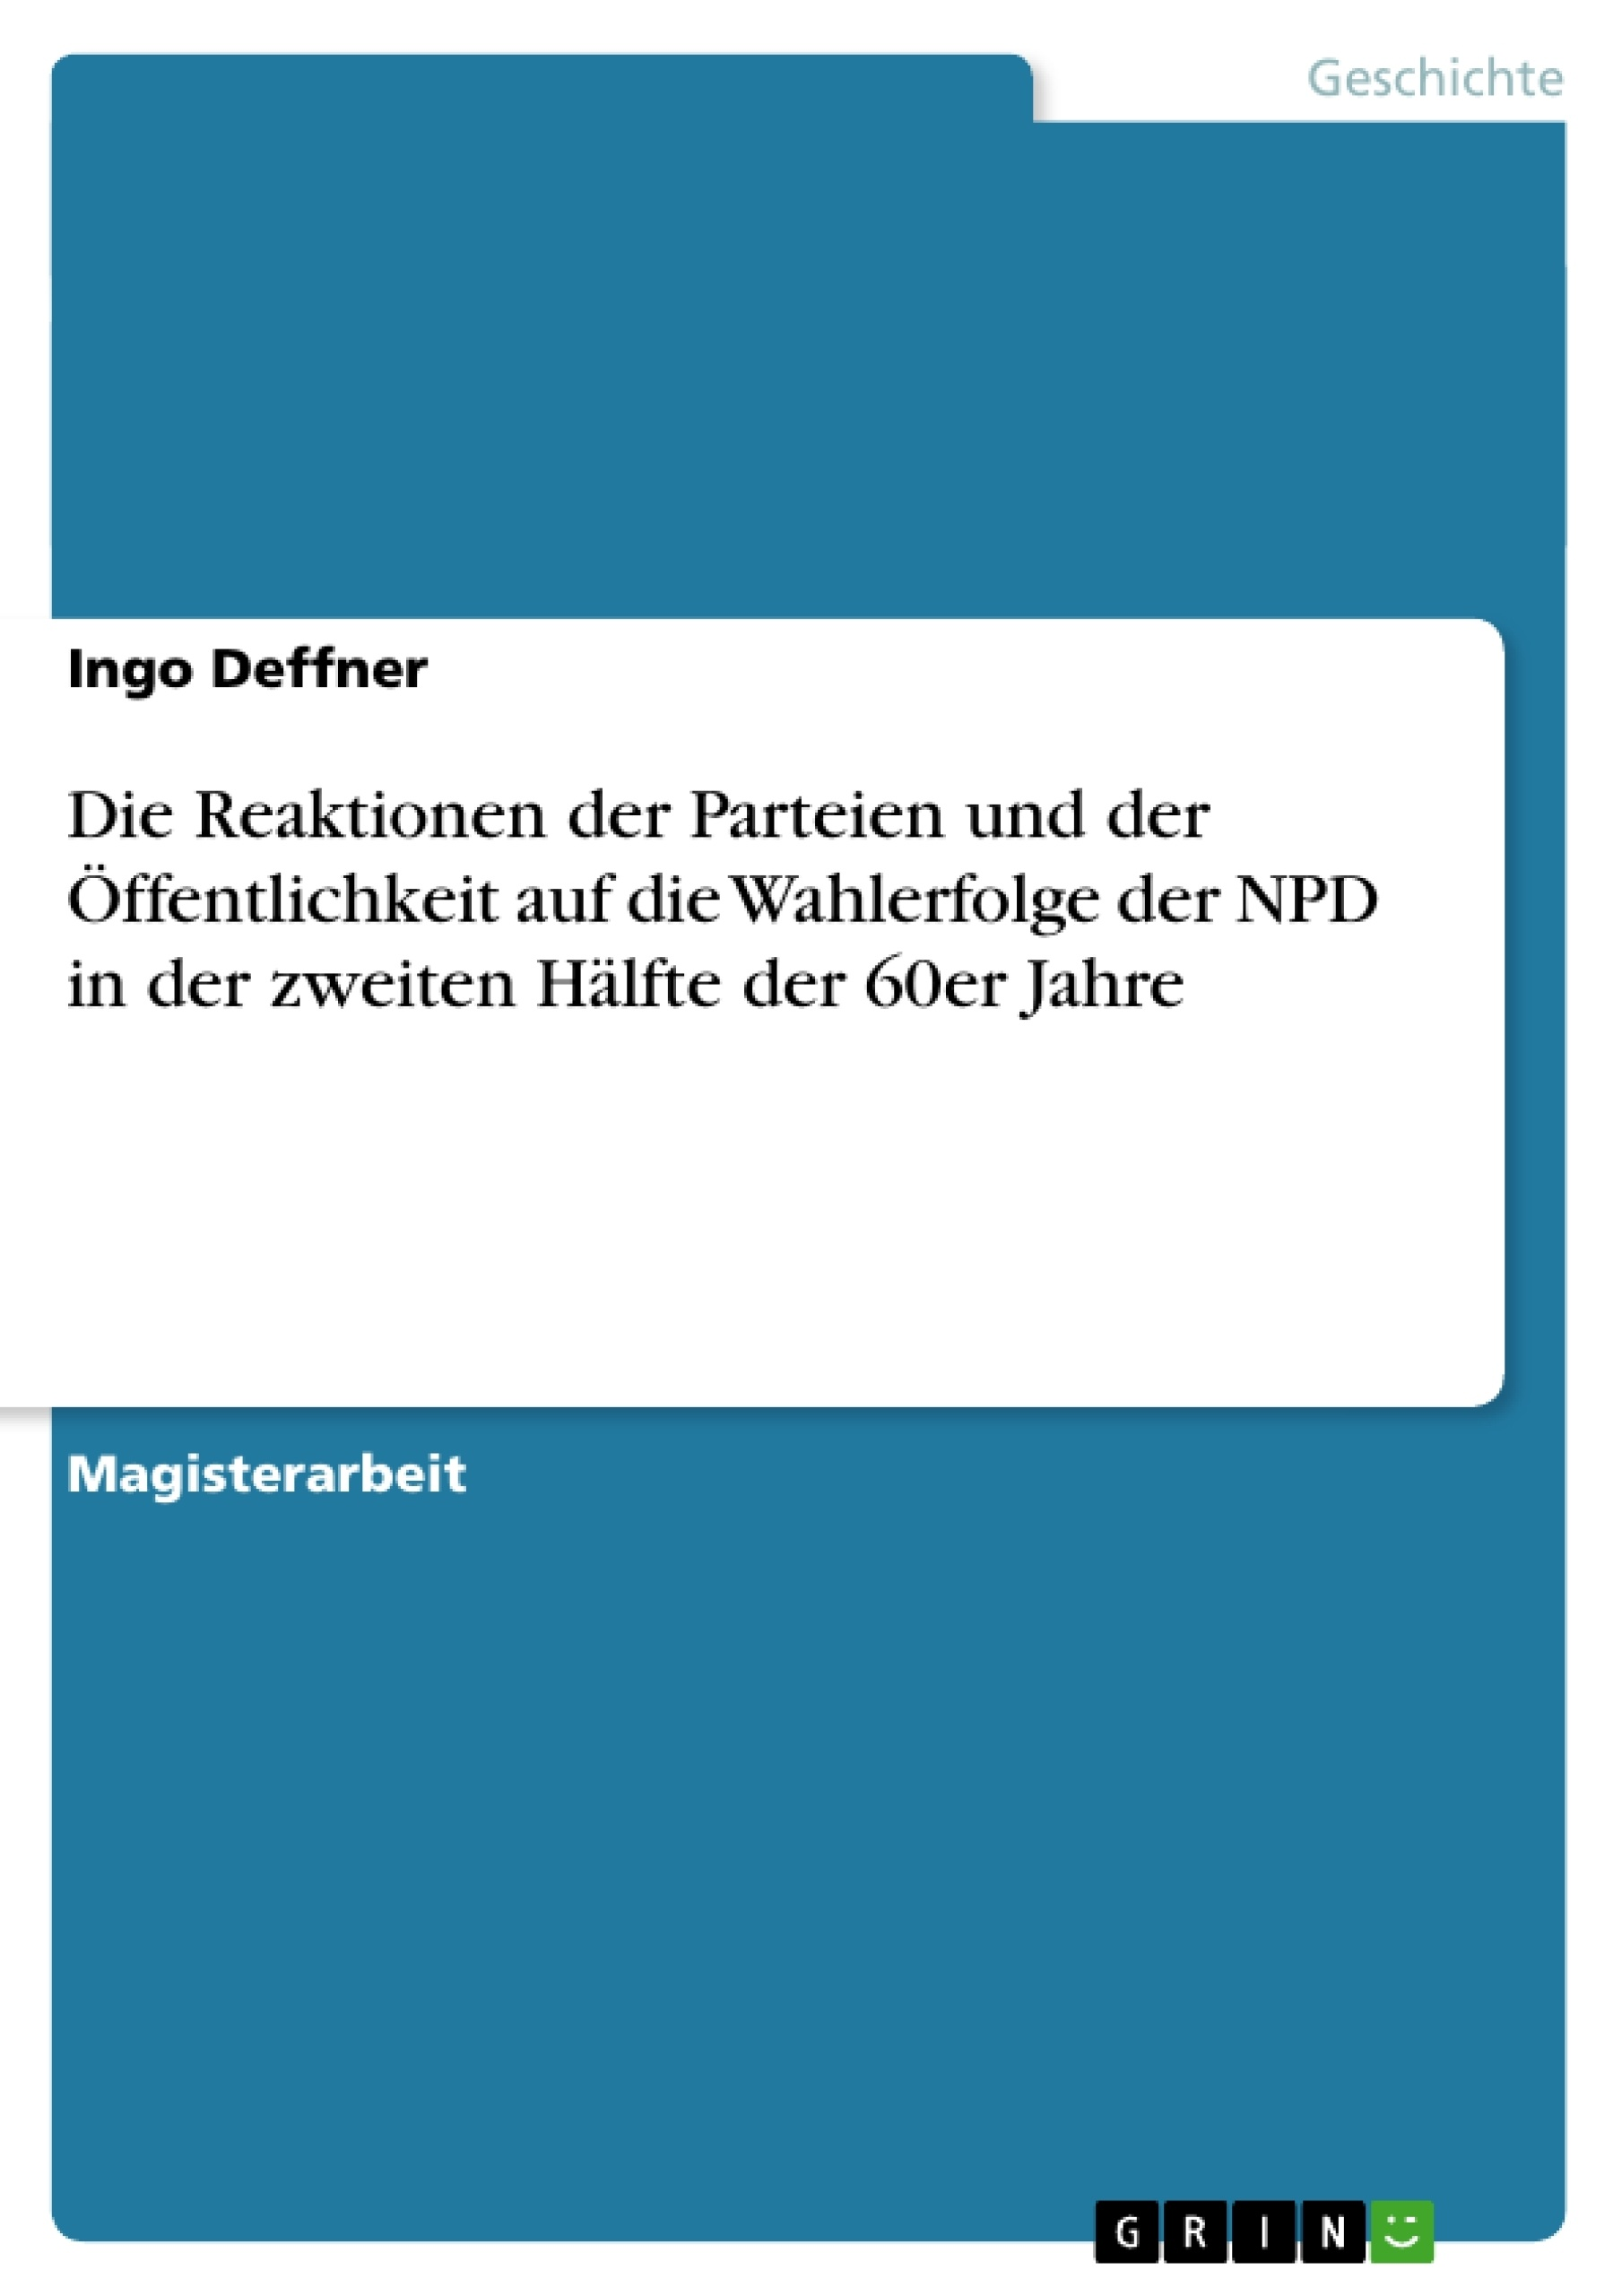 Titel: Die Reaktionen der Parteien und der Öffentlichkeit auf die Wahlerfolge der NPD in der zweiten Hälfte der 60er Jahre